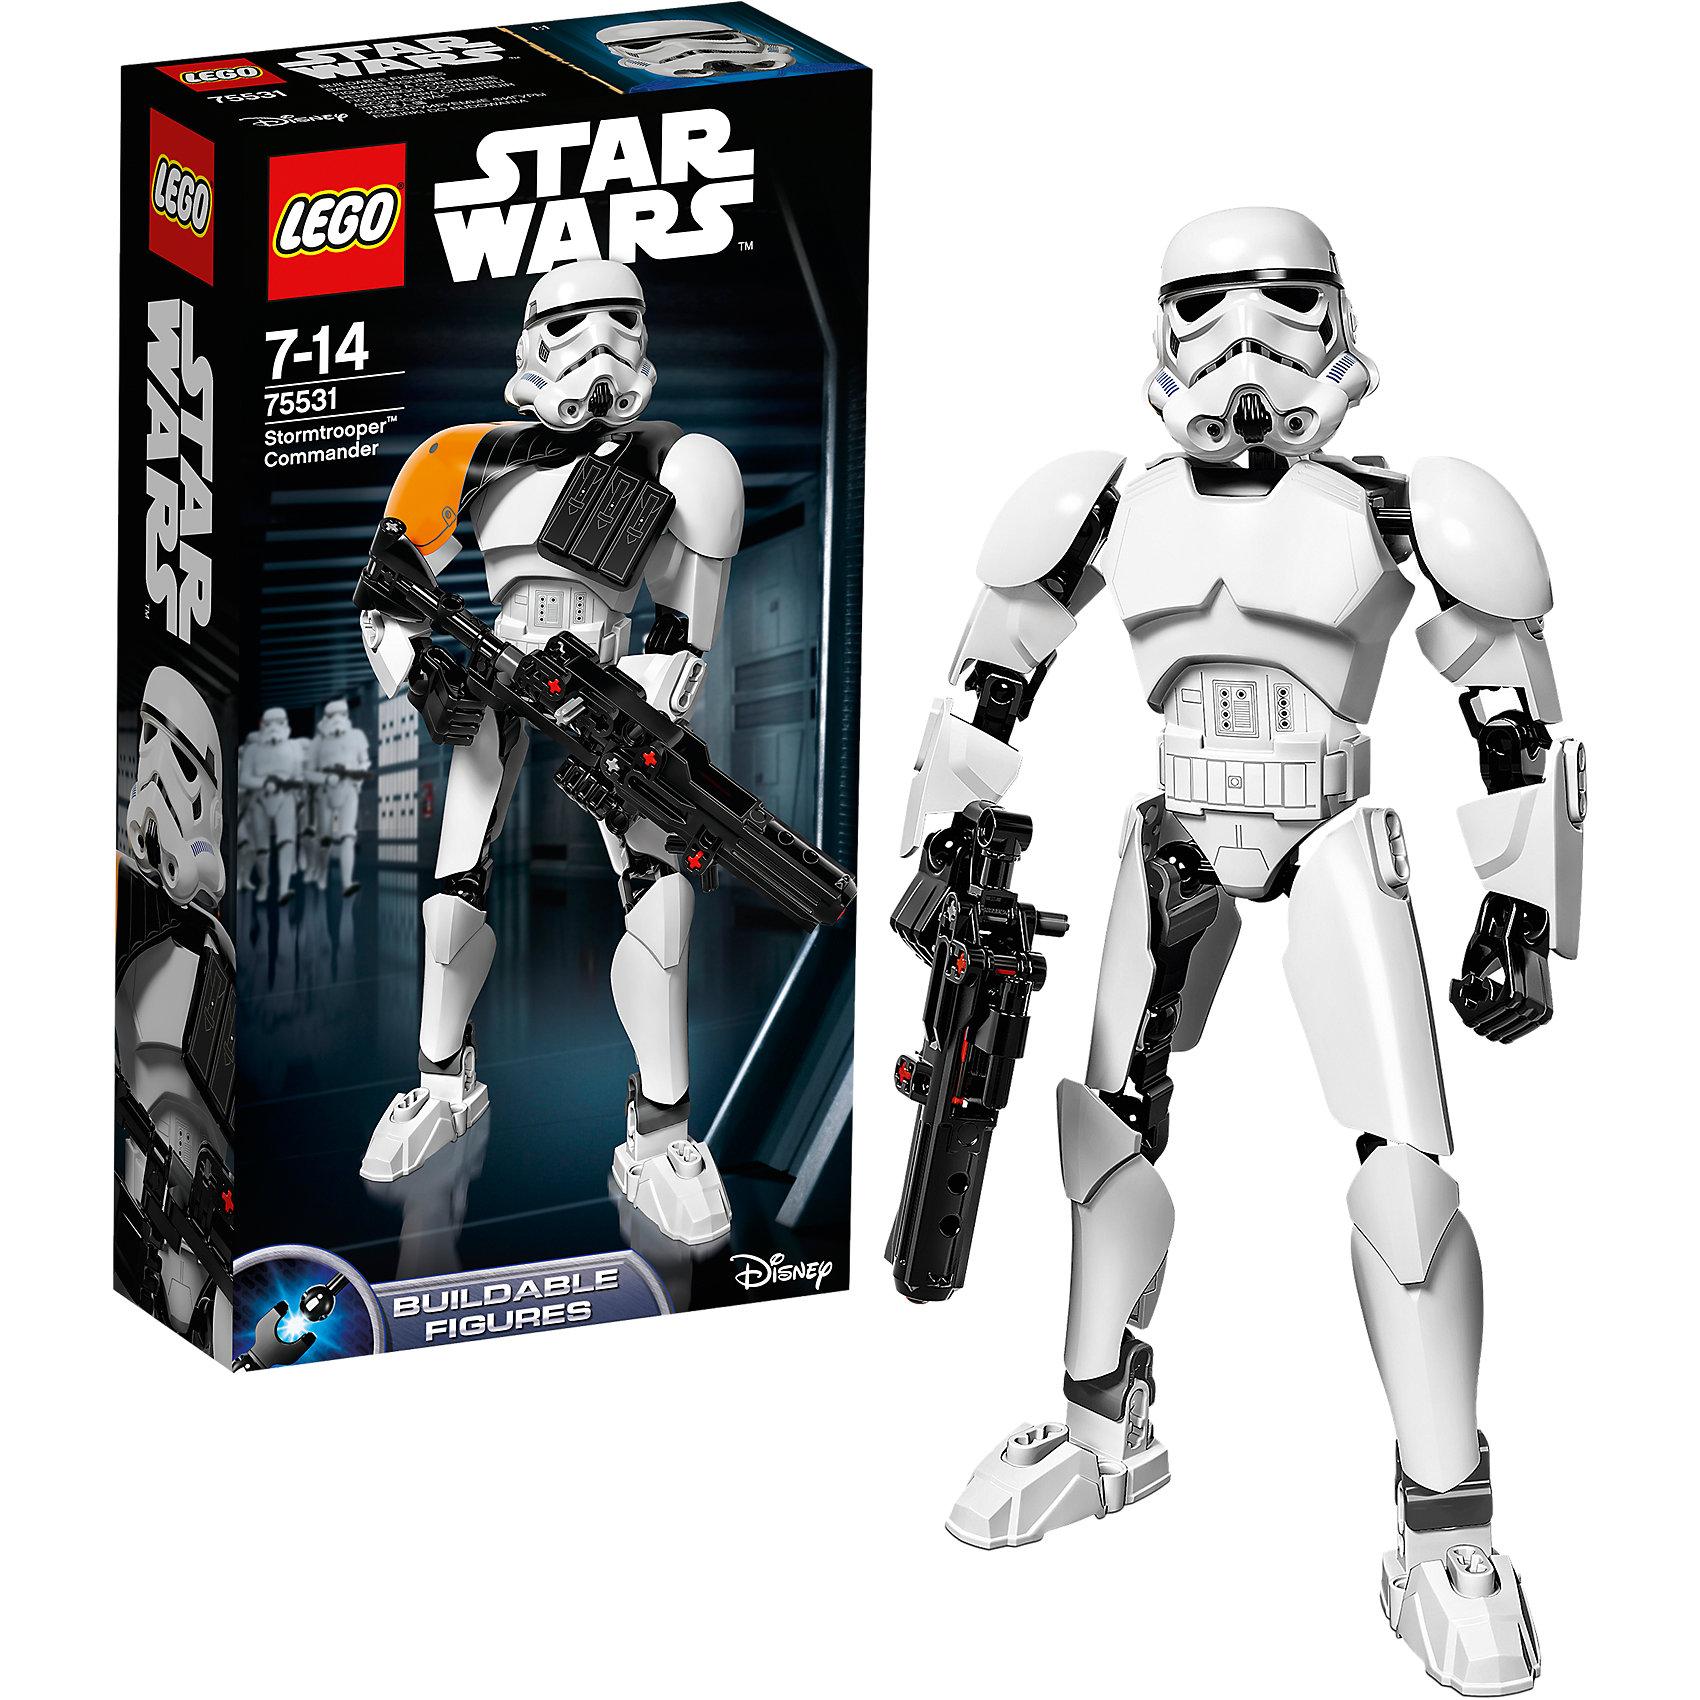 Конструктор Lego Star Wars 75531: Командир штурмовиковПластмассовые конструкторы<br>Характеристики товара:<br><br>• возраст: от 7 лет;<br>• материал: пластик;<br>• в комплекте: 100 деталей;<br>• размер упаковки: 26,2х14,1х6,1 см;<br>• вес упаковки: 260 гр.;<br>• страна производитель: Китай.<br><br>Конструктор Lego Star Wars «Командир штурмовиков» создан по мотивам известной космической саги «Звездные войны». Из элементов конструктора предстоит собрать фигурку штурмовика, одетого в знаменитый костюм и большой шлем. В руках он держит винтовку. У собранной фигурки имеются подвижные детали: двигается голова, руки и ноги сгибаются. <br><br>Все детали выполнены из качественных безопасных материалов. В процессе сборки конструктора у детей развиваются мелкая моторика рук, усидчивость, логическое мышление.<br><br>Конструктор Lego Star Wars «Командир штурмовиков» можно приобрести в нашем интернет-магазине.<br><br>Ширина мм: 263<br>Глубина мм: 144<br>Высота мм: 66<br>Вес г: 261<br>Возраст от месяцев: 84<br>Возраст до месяцев: 2147483647<br>Пол: Мужской<br>Возраст: Детский<br>SKU: 5619970